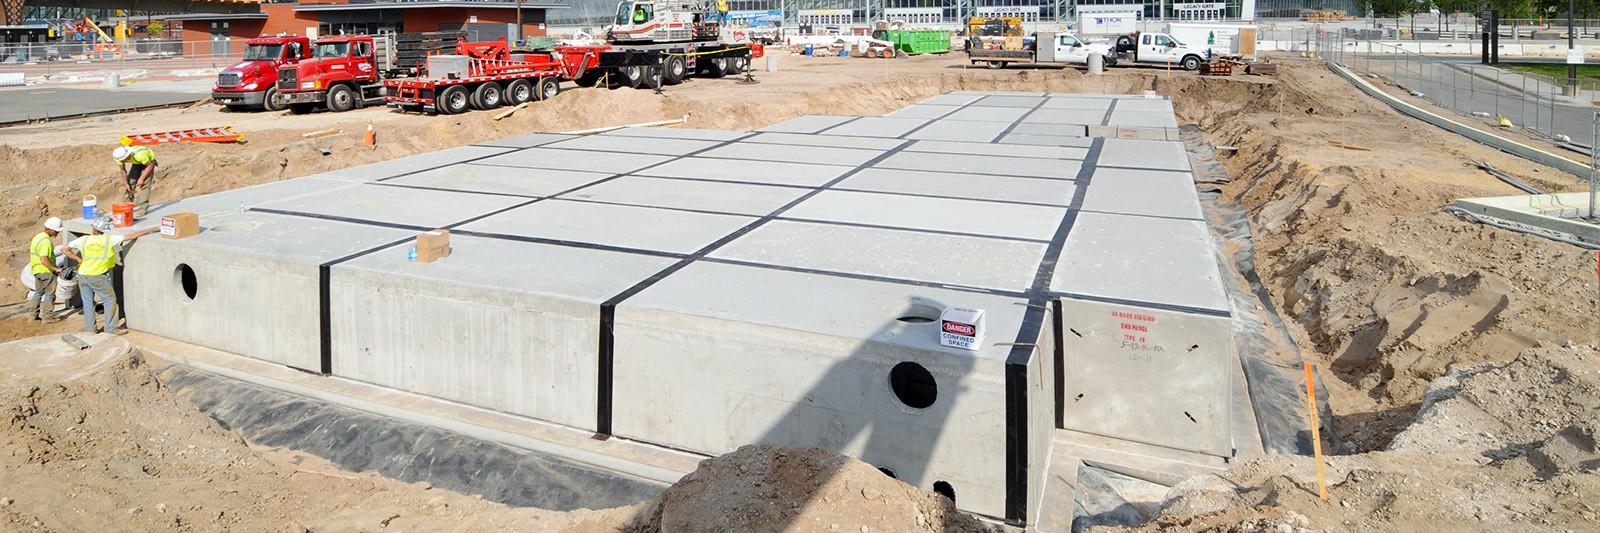 Estadios de la NFL que usaron Prefabricados de Concreto para su construcción